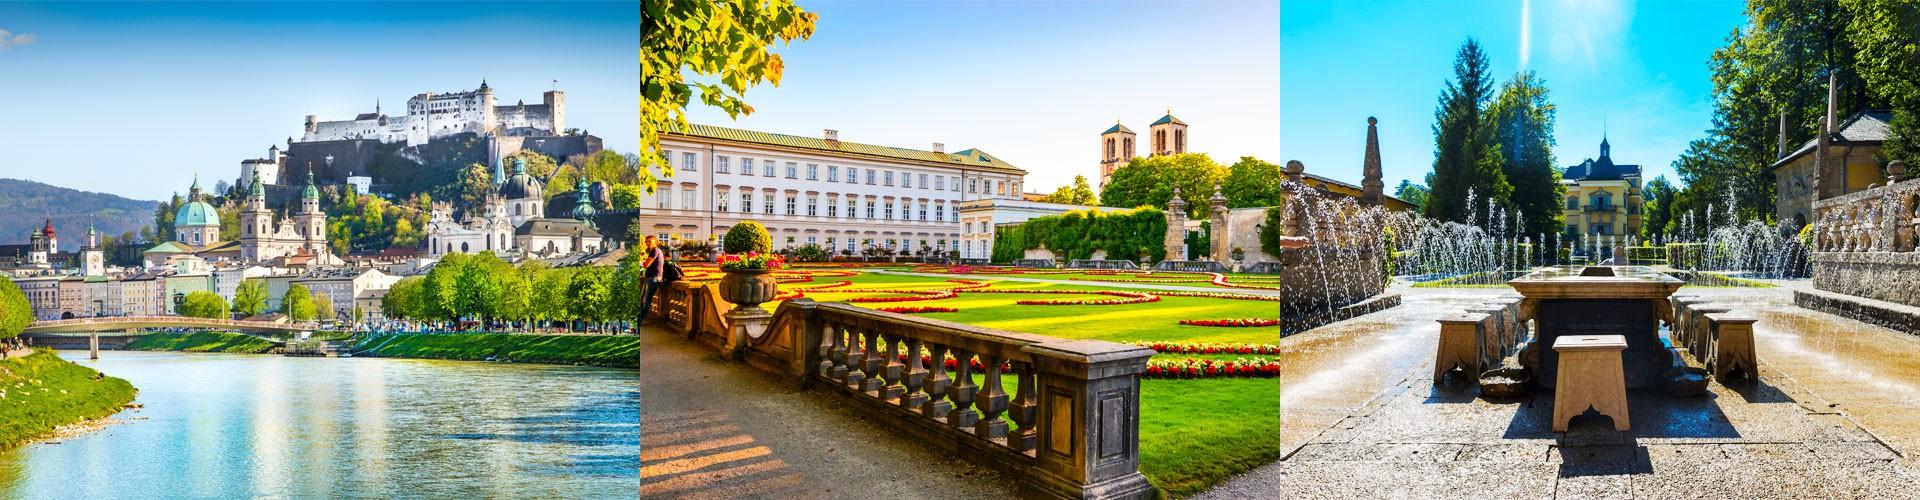 Salzburg Blick auf Festung Hohensalzberg - Schloss Mirabell - Schloss Hellbrunn